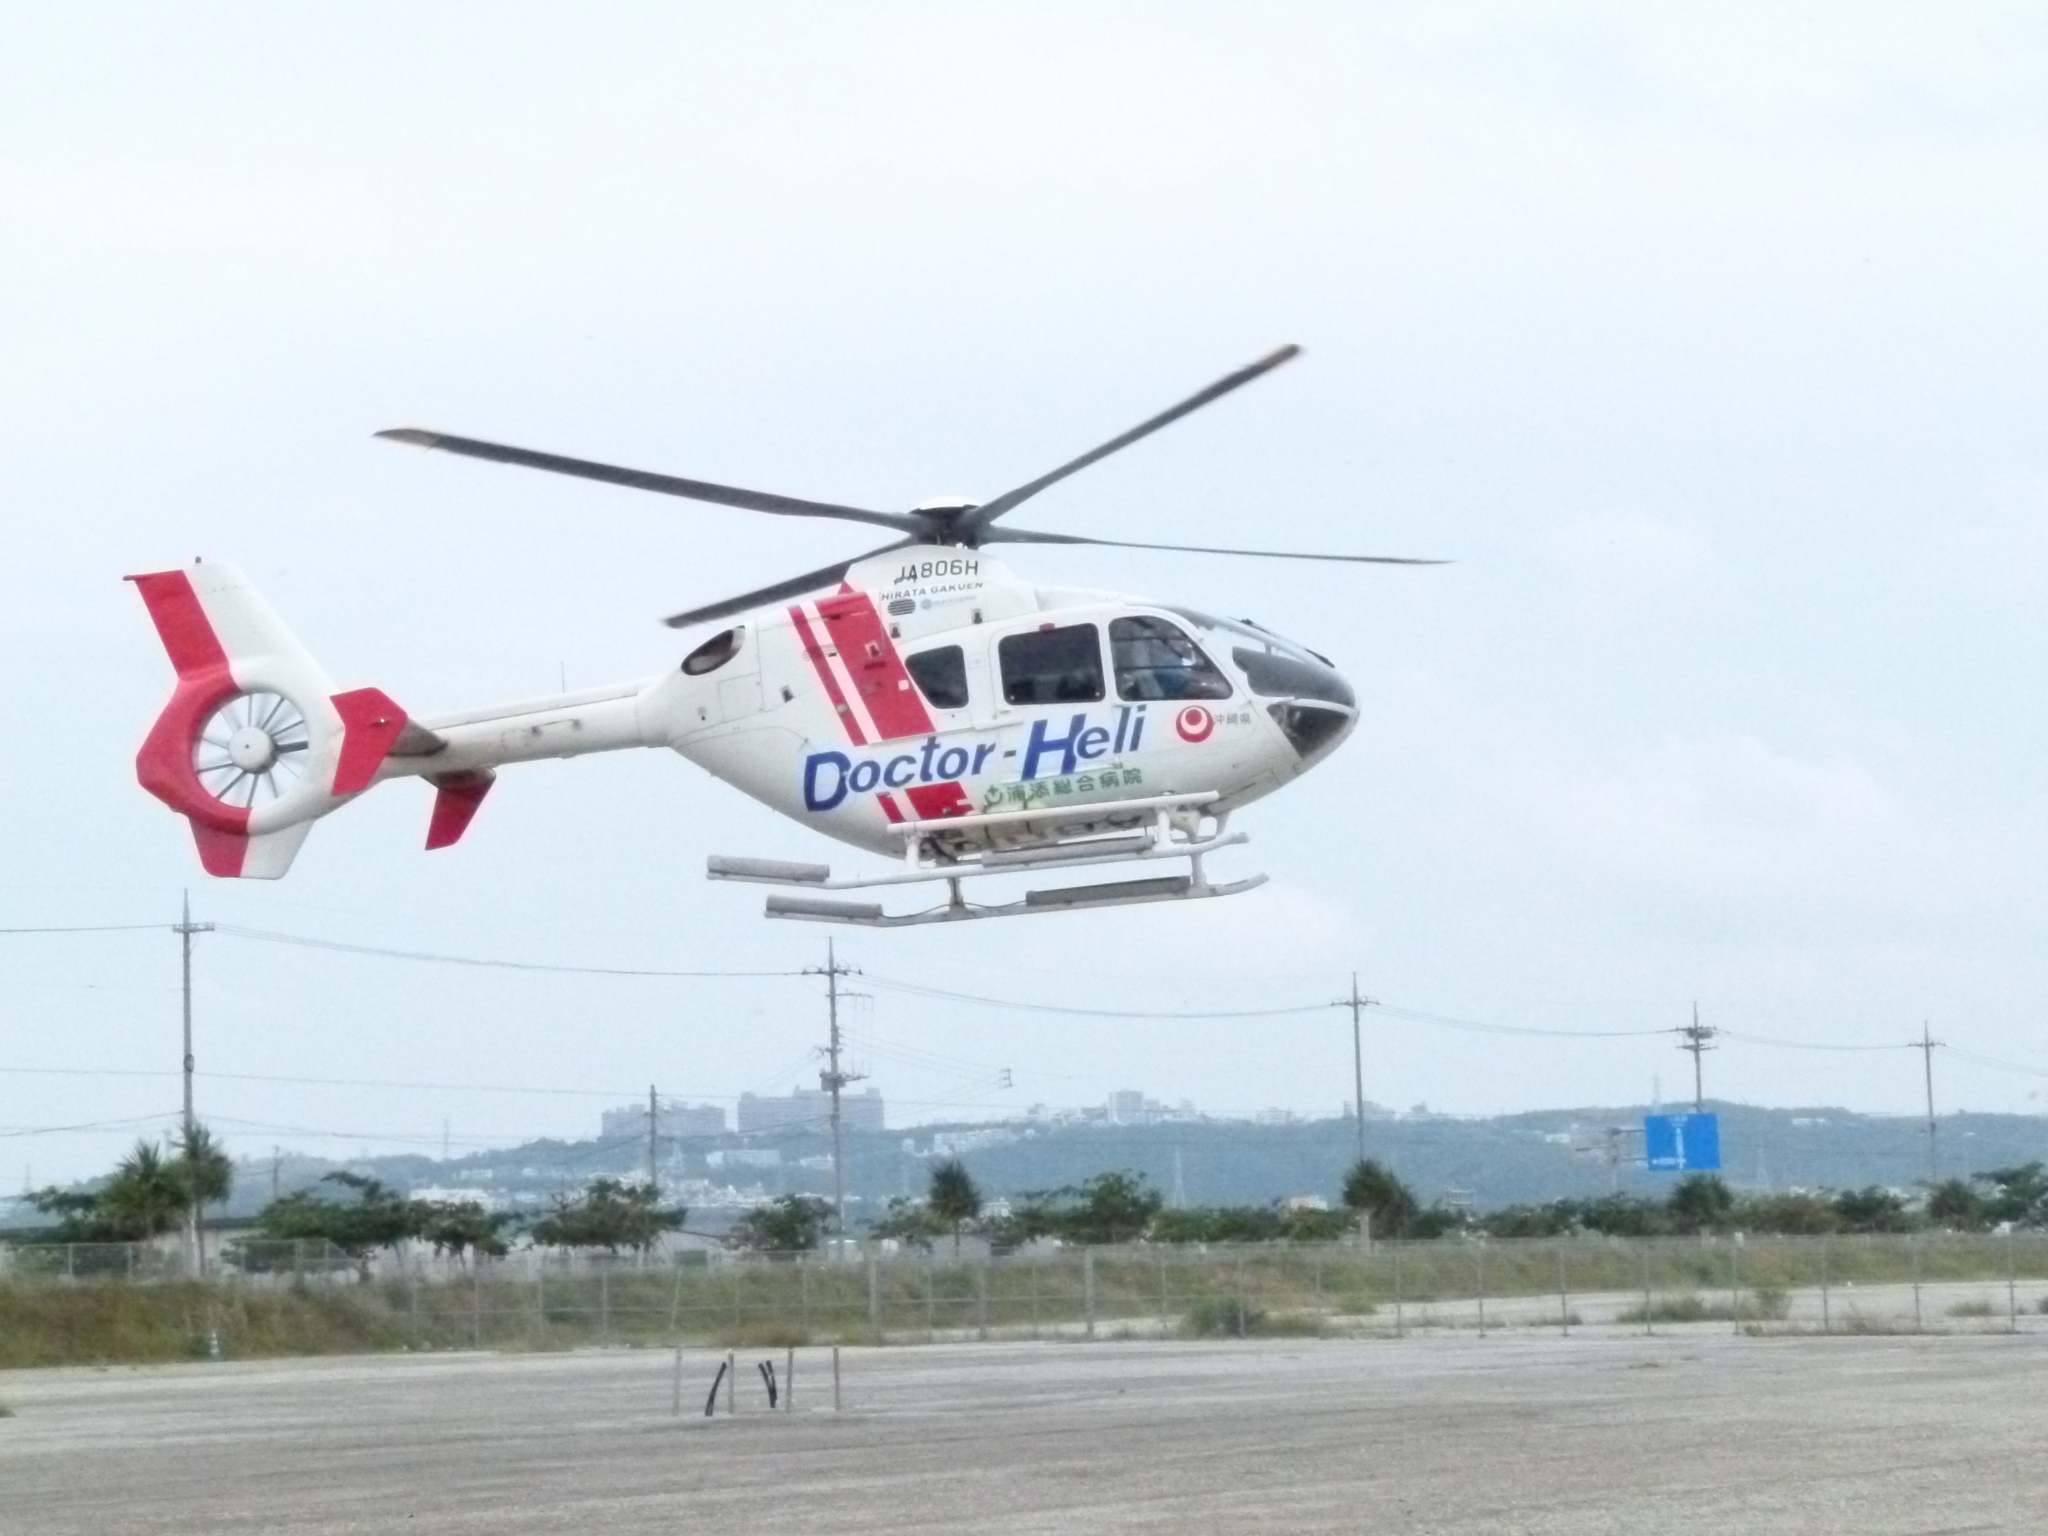 ガイドやインストラクターの適切な事故時の対応 ~沖縄からの考察~